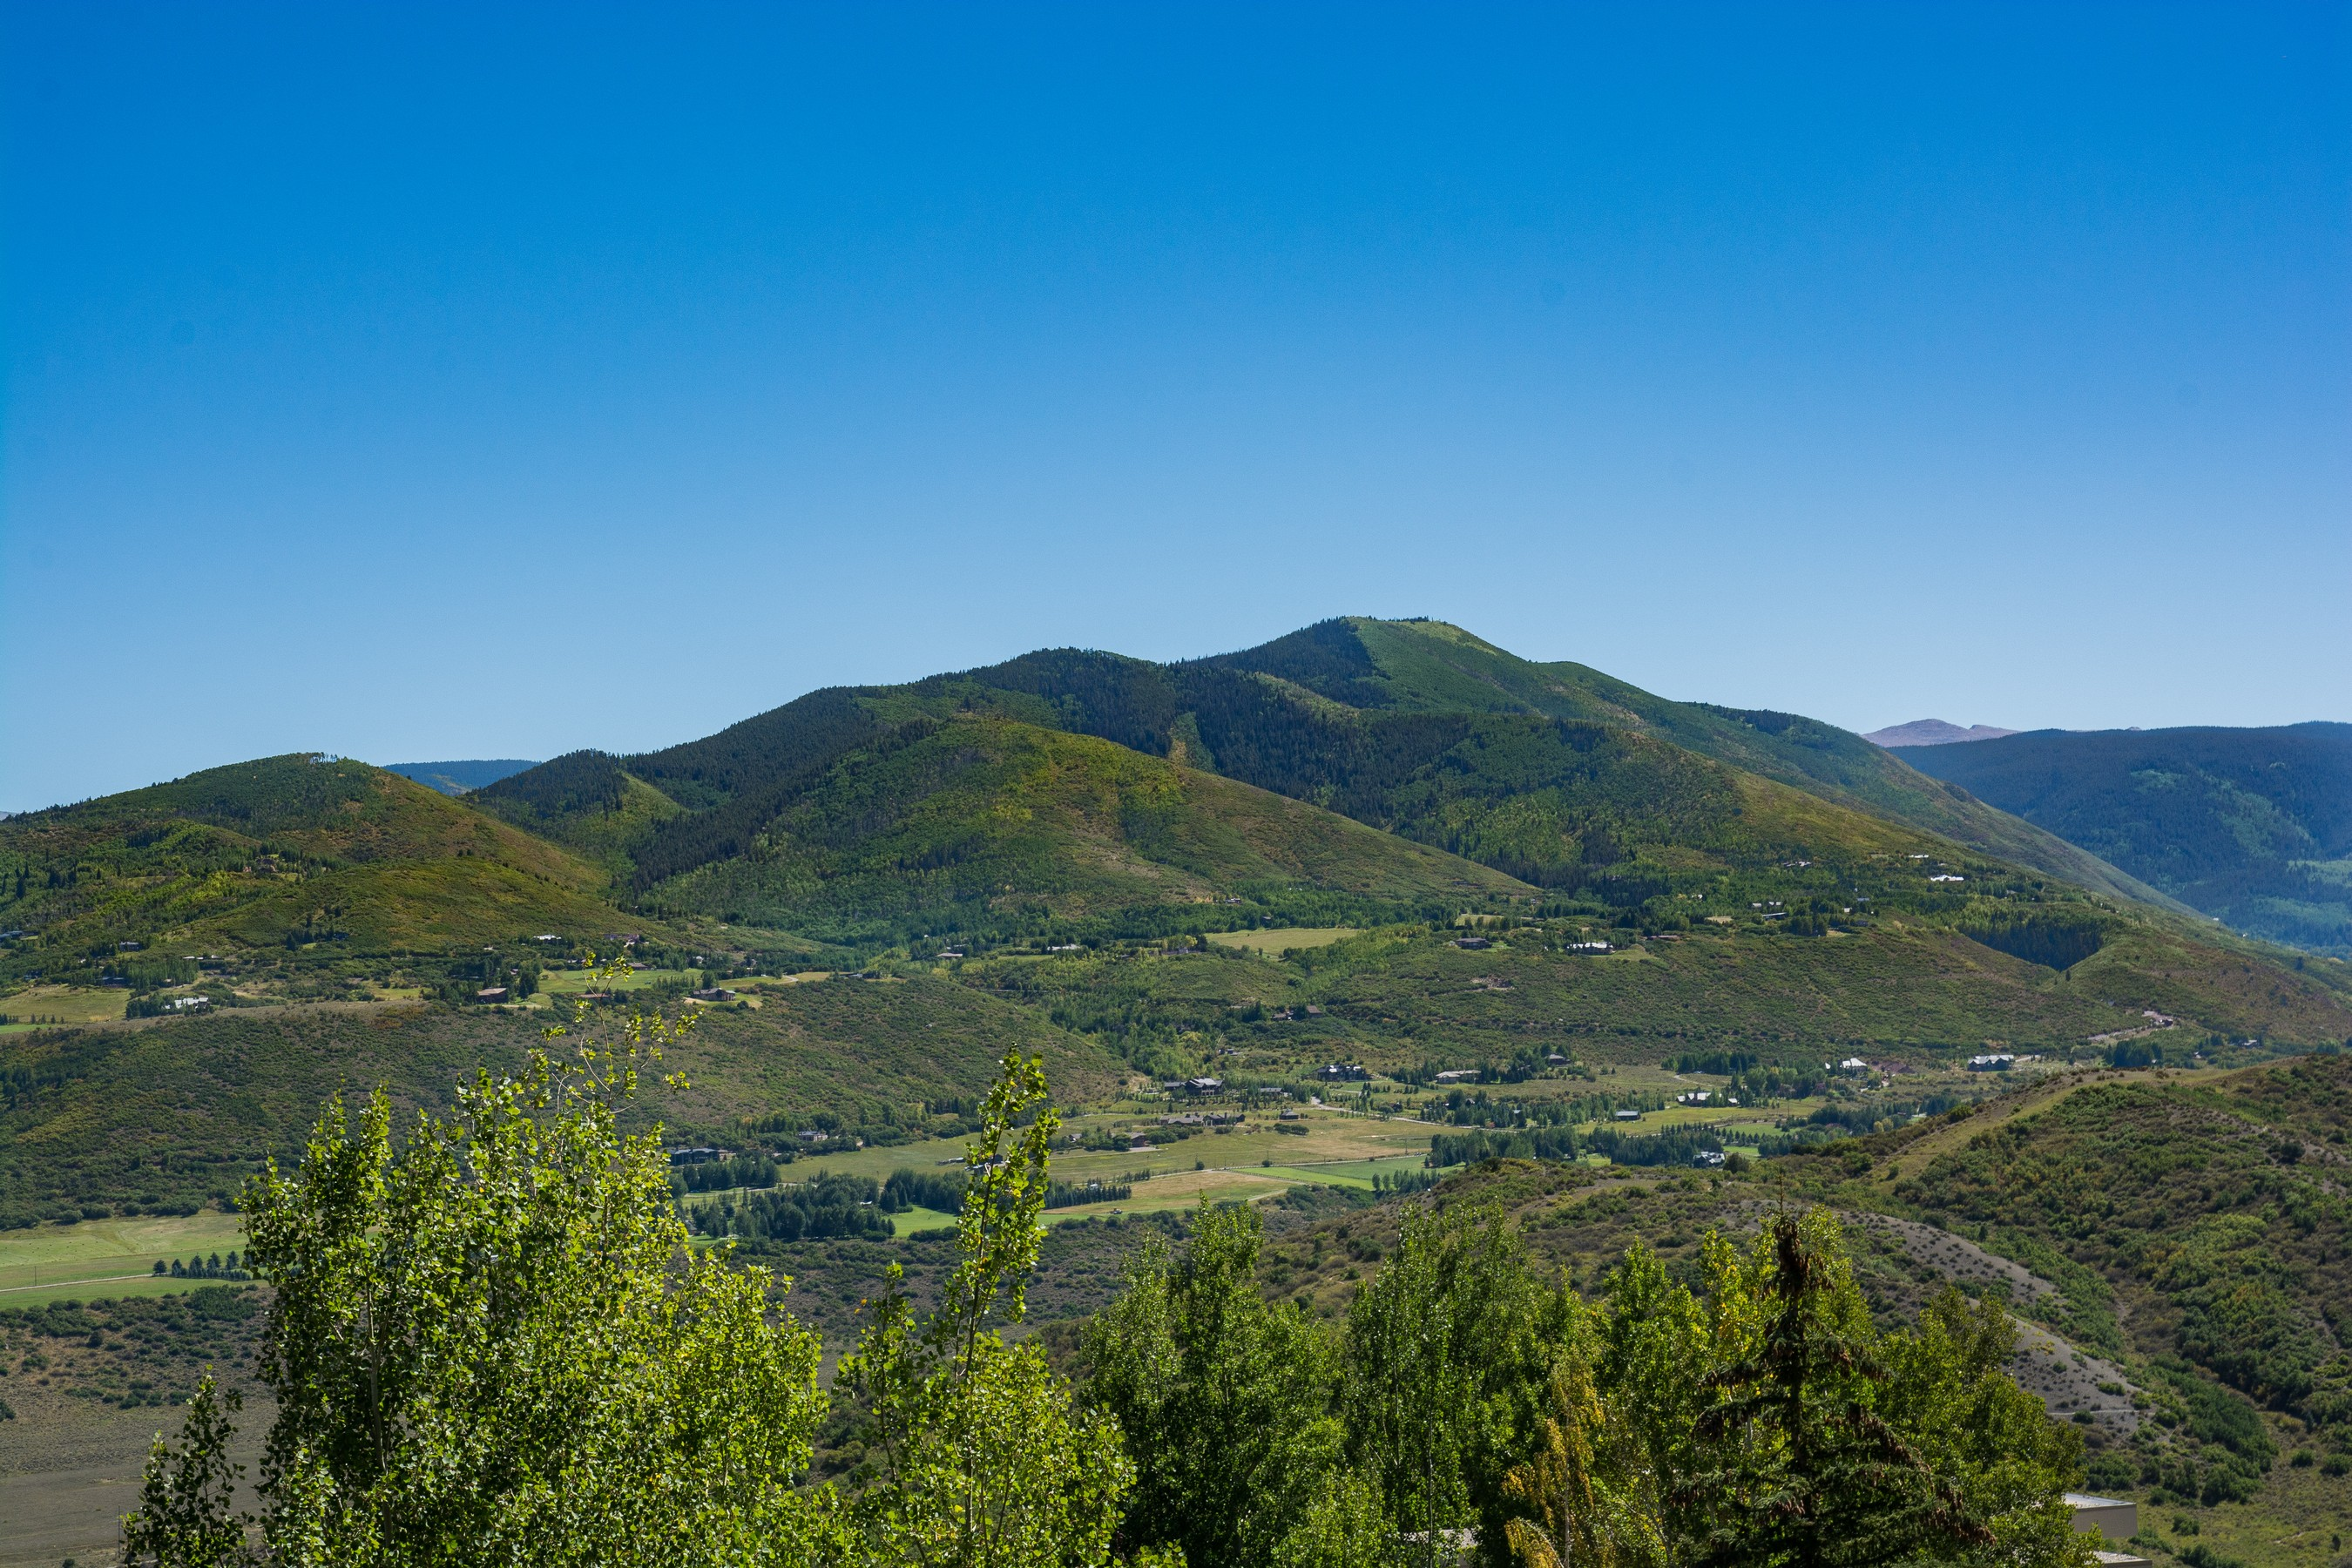 Đất đai vì Bán tại Brush Creek Village Block 5 Lot 7 145 Tabula Rasa Aspen, Colorado, 81611 Hoa Kỳ